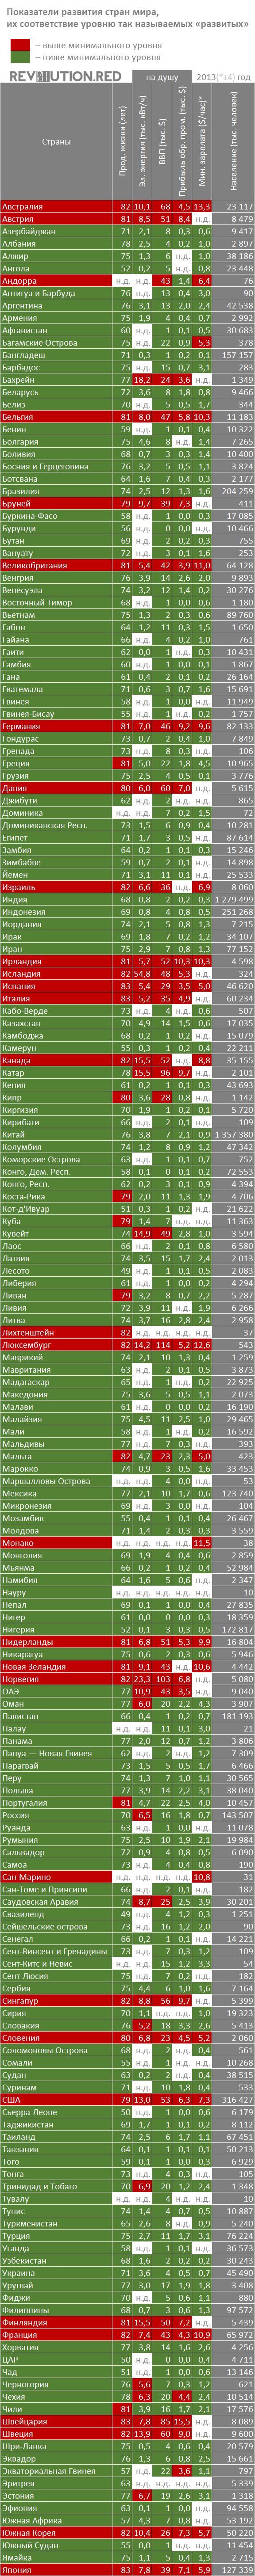 Показатели развития капиталистических стран, 2013 год